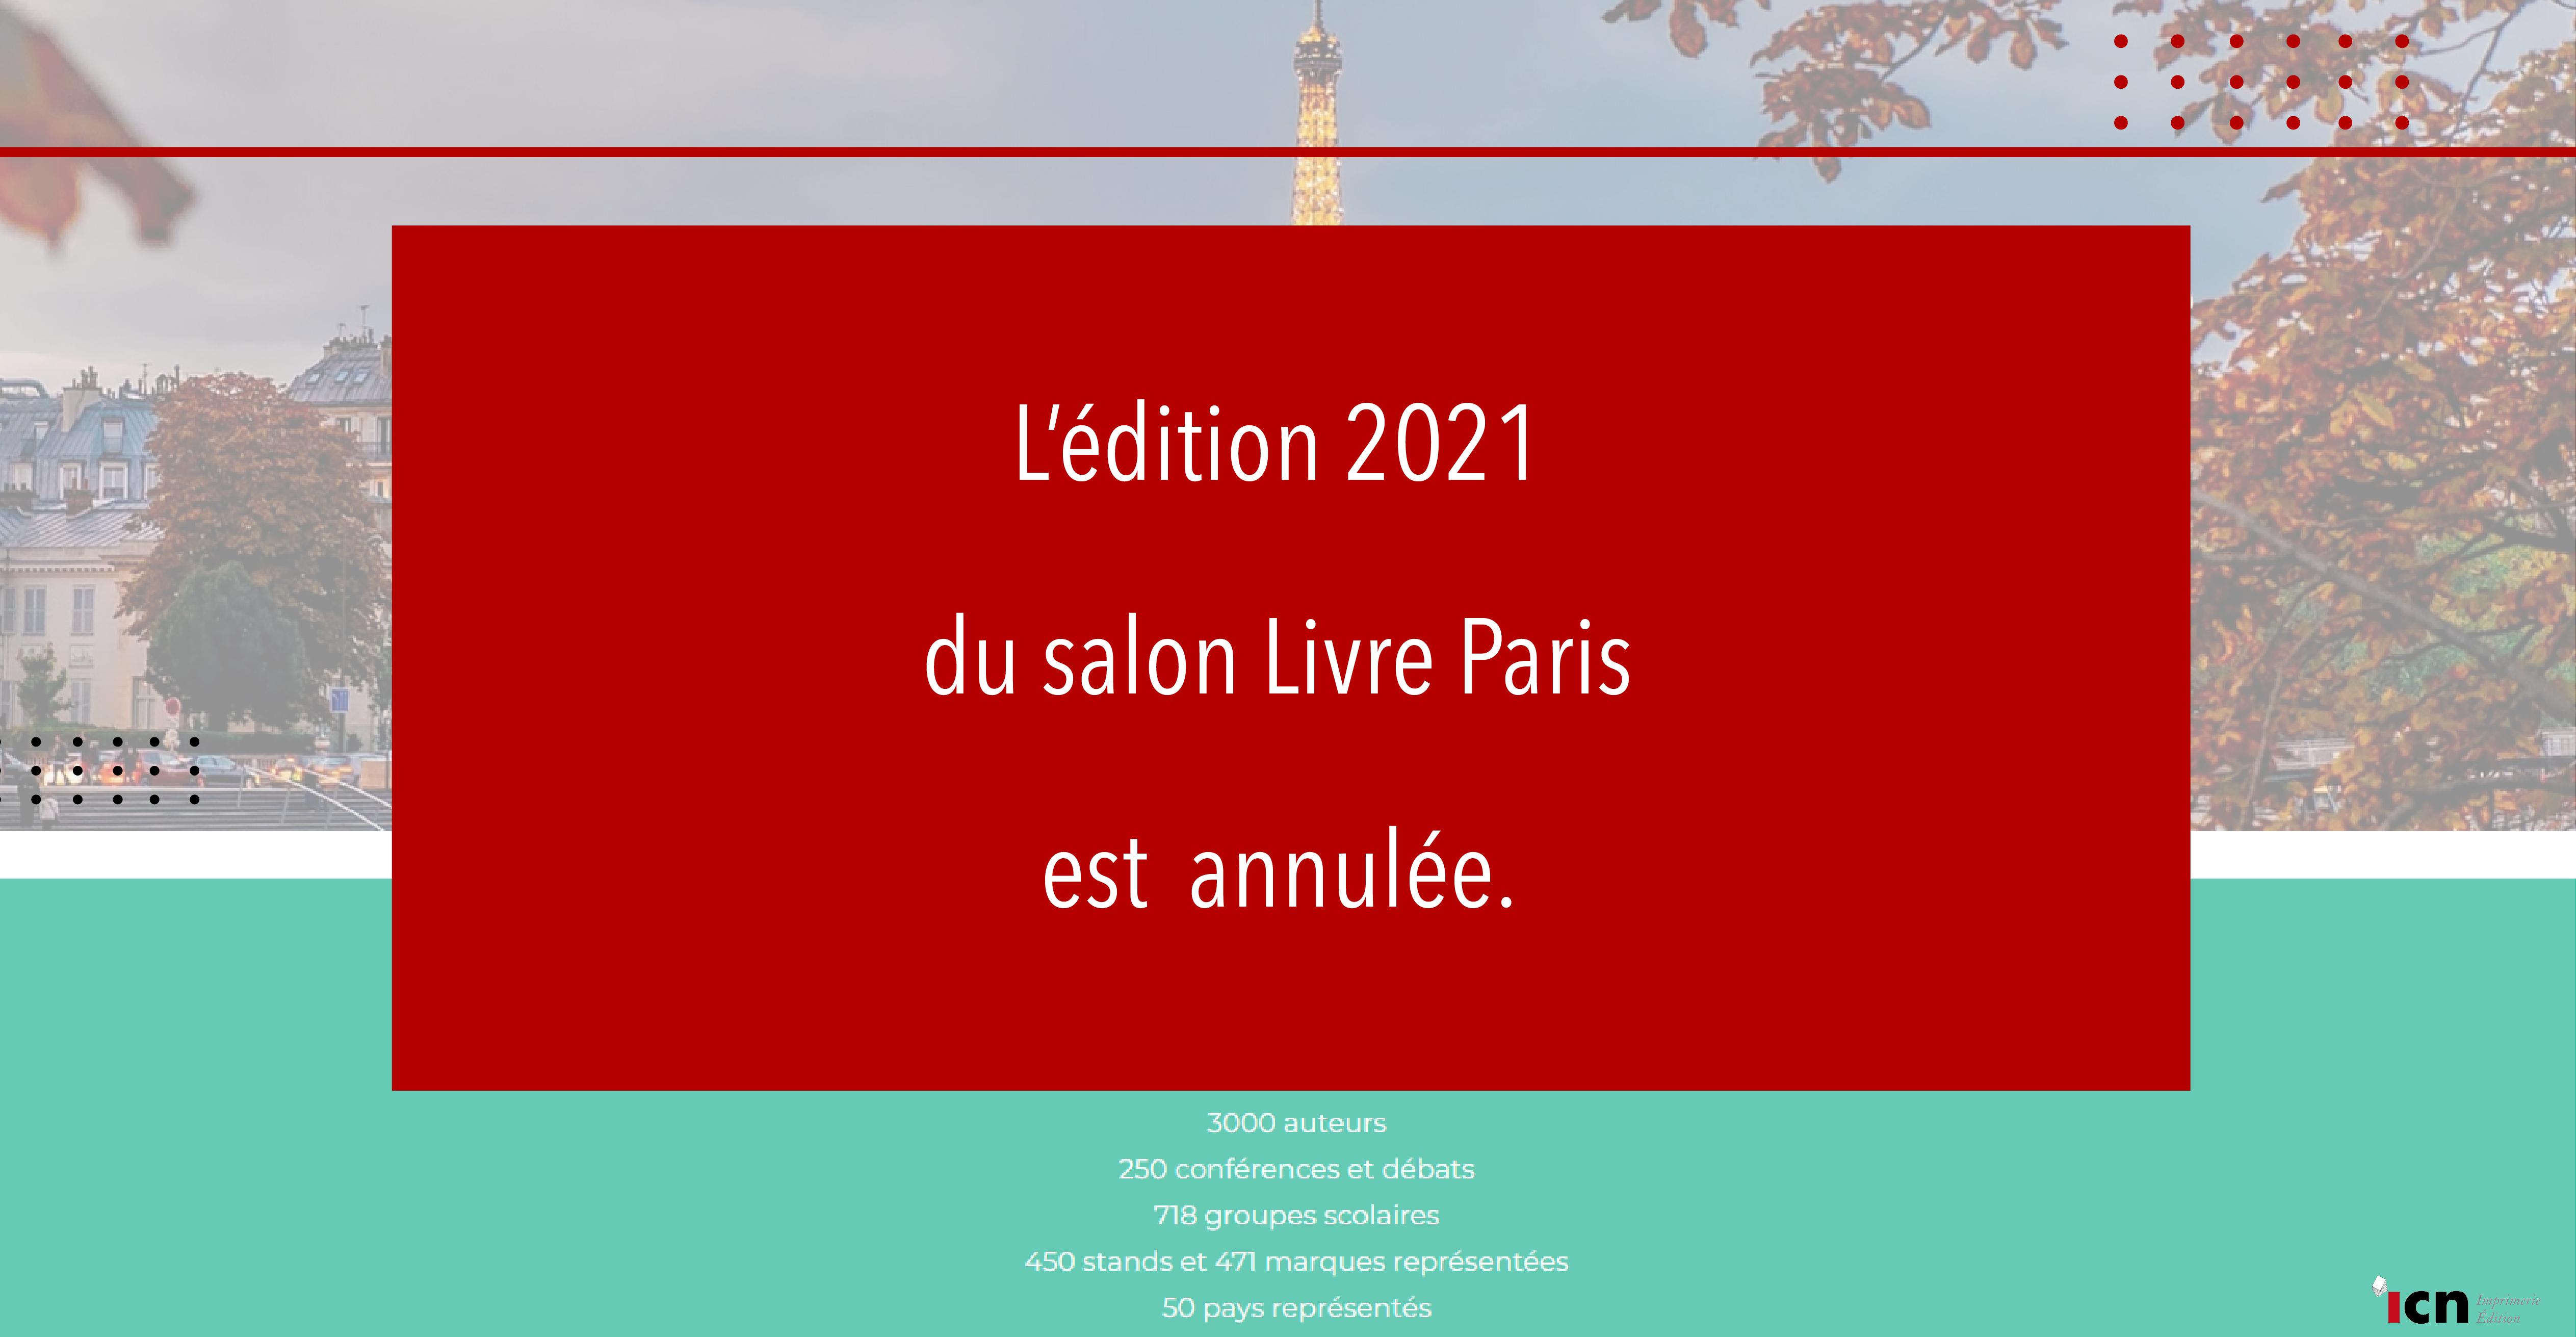 L'édition 2021 du salon Livre Paris est annulée